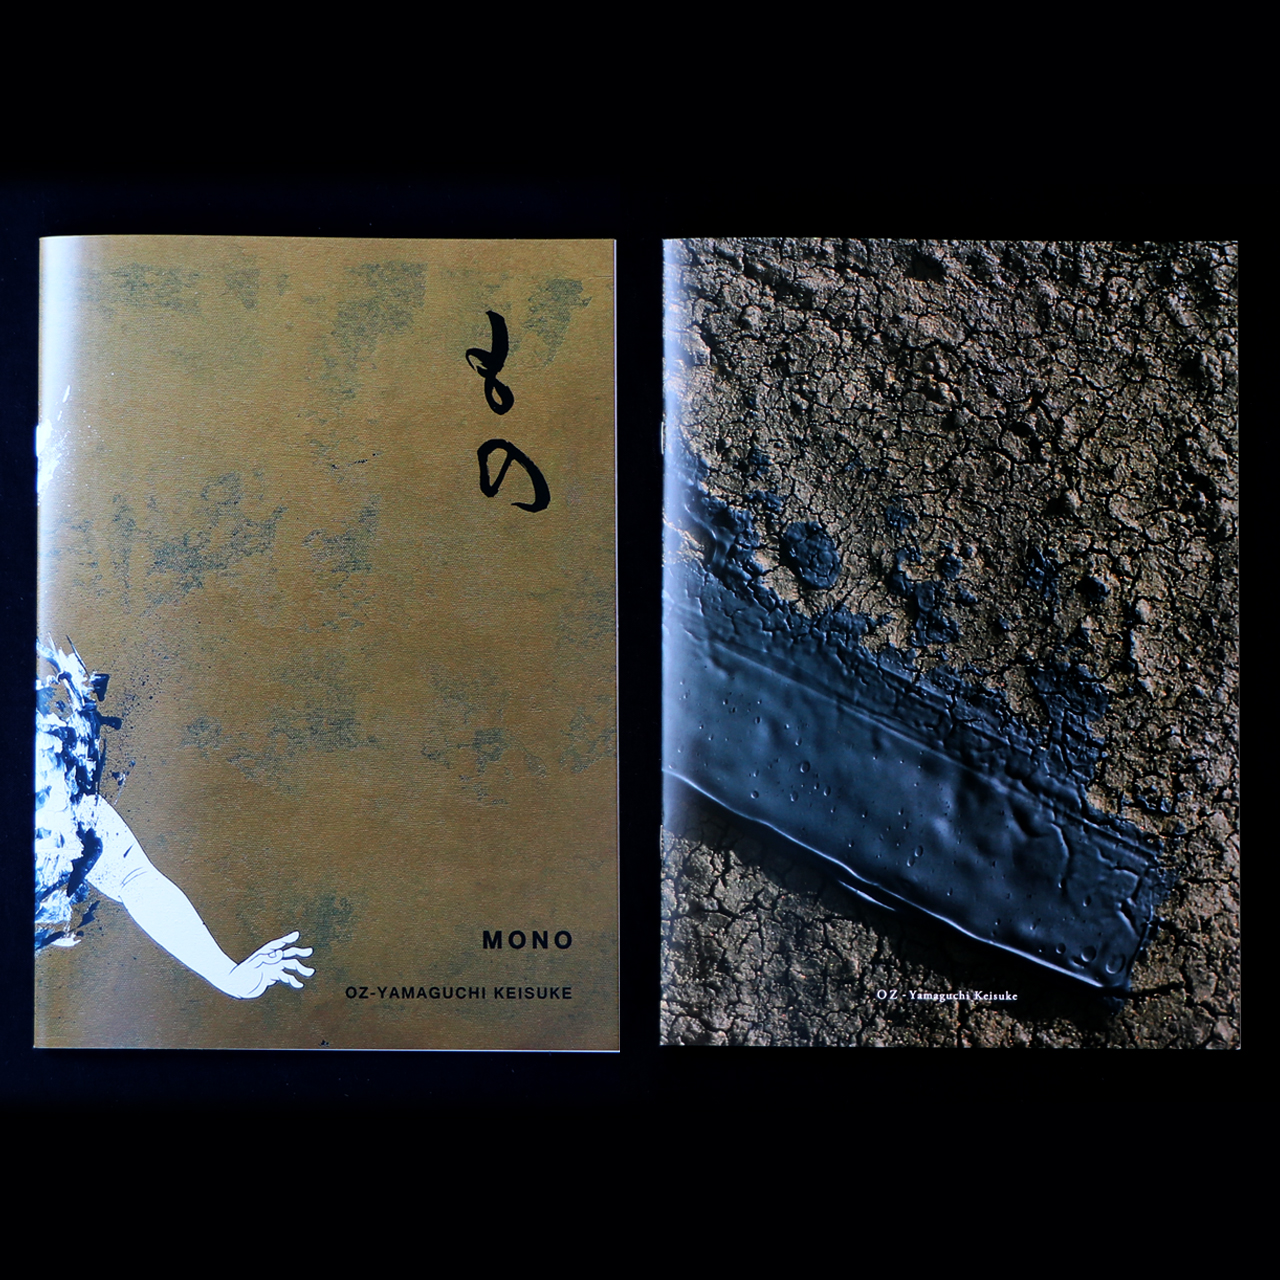 【キャンペーン5/31まで】絵画30,000円以上ご購入の方全員に、販売中のカタログ2冊プレゼント!